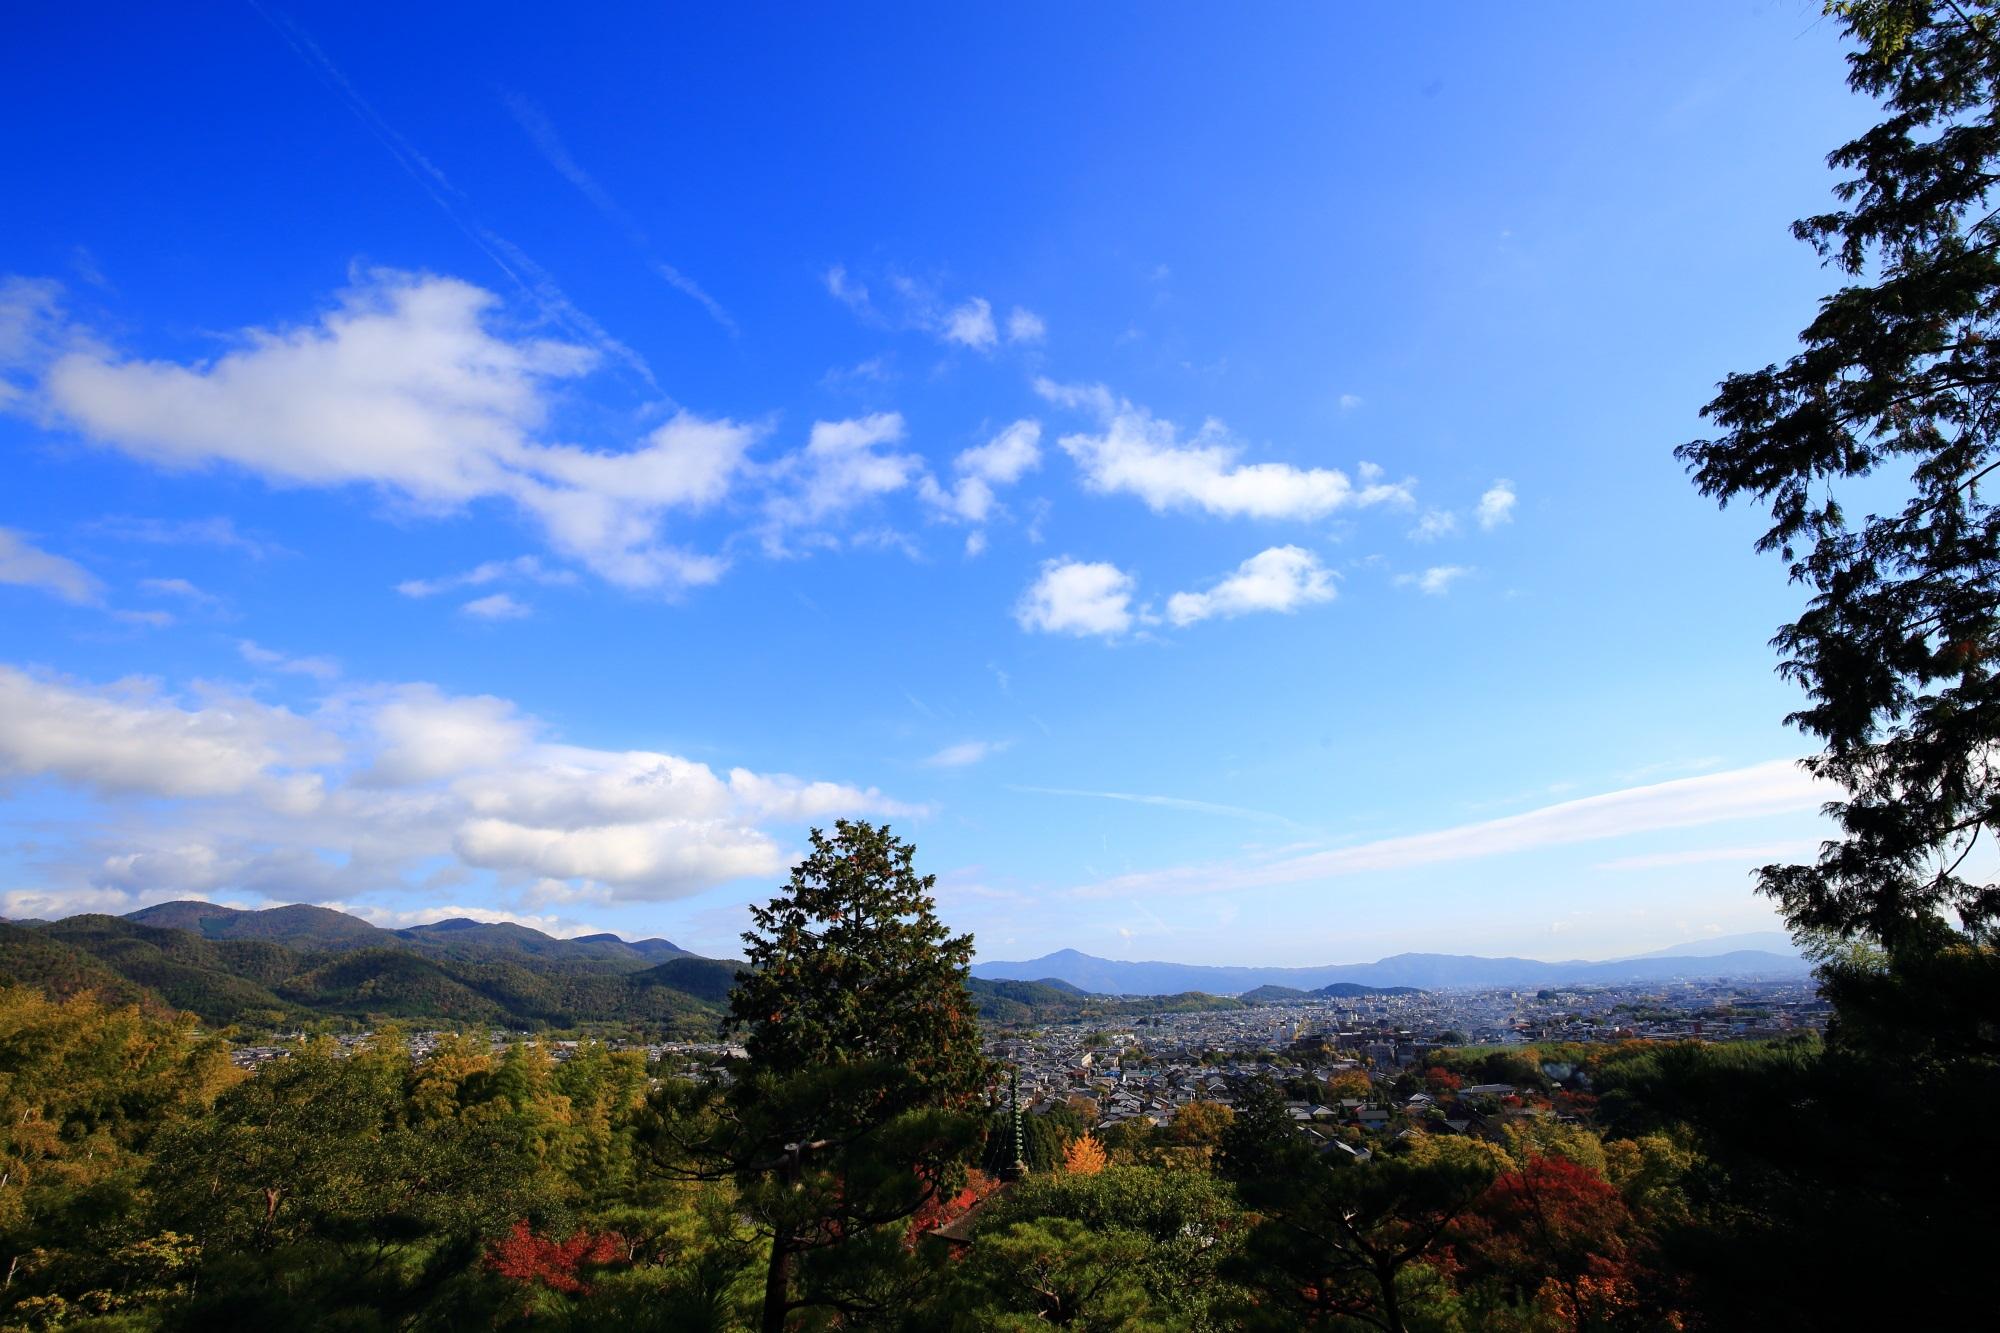 常寂光寺の小倉展望と京都市内